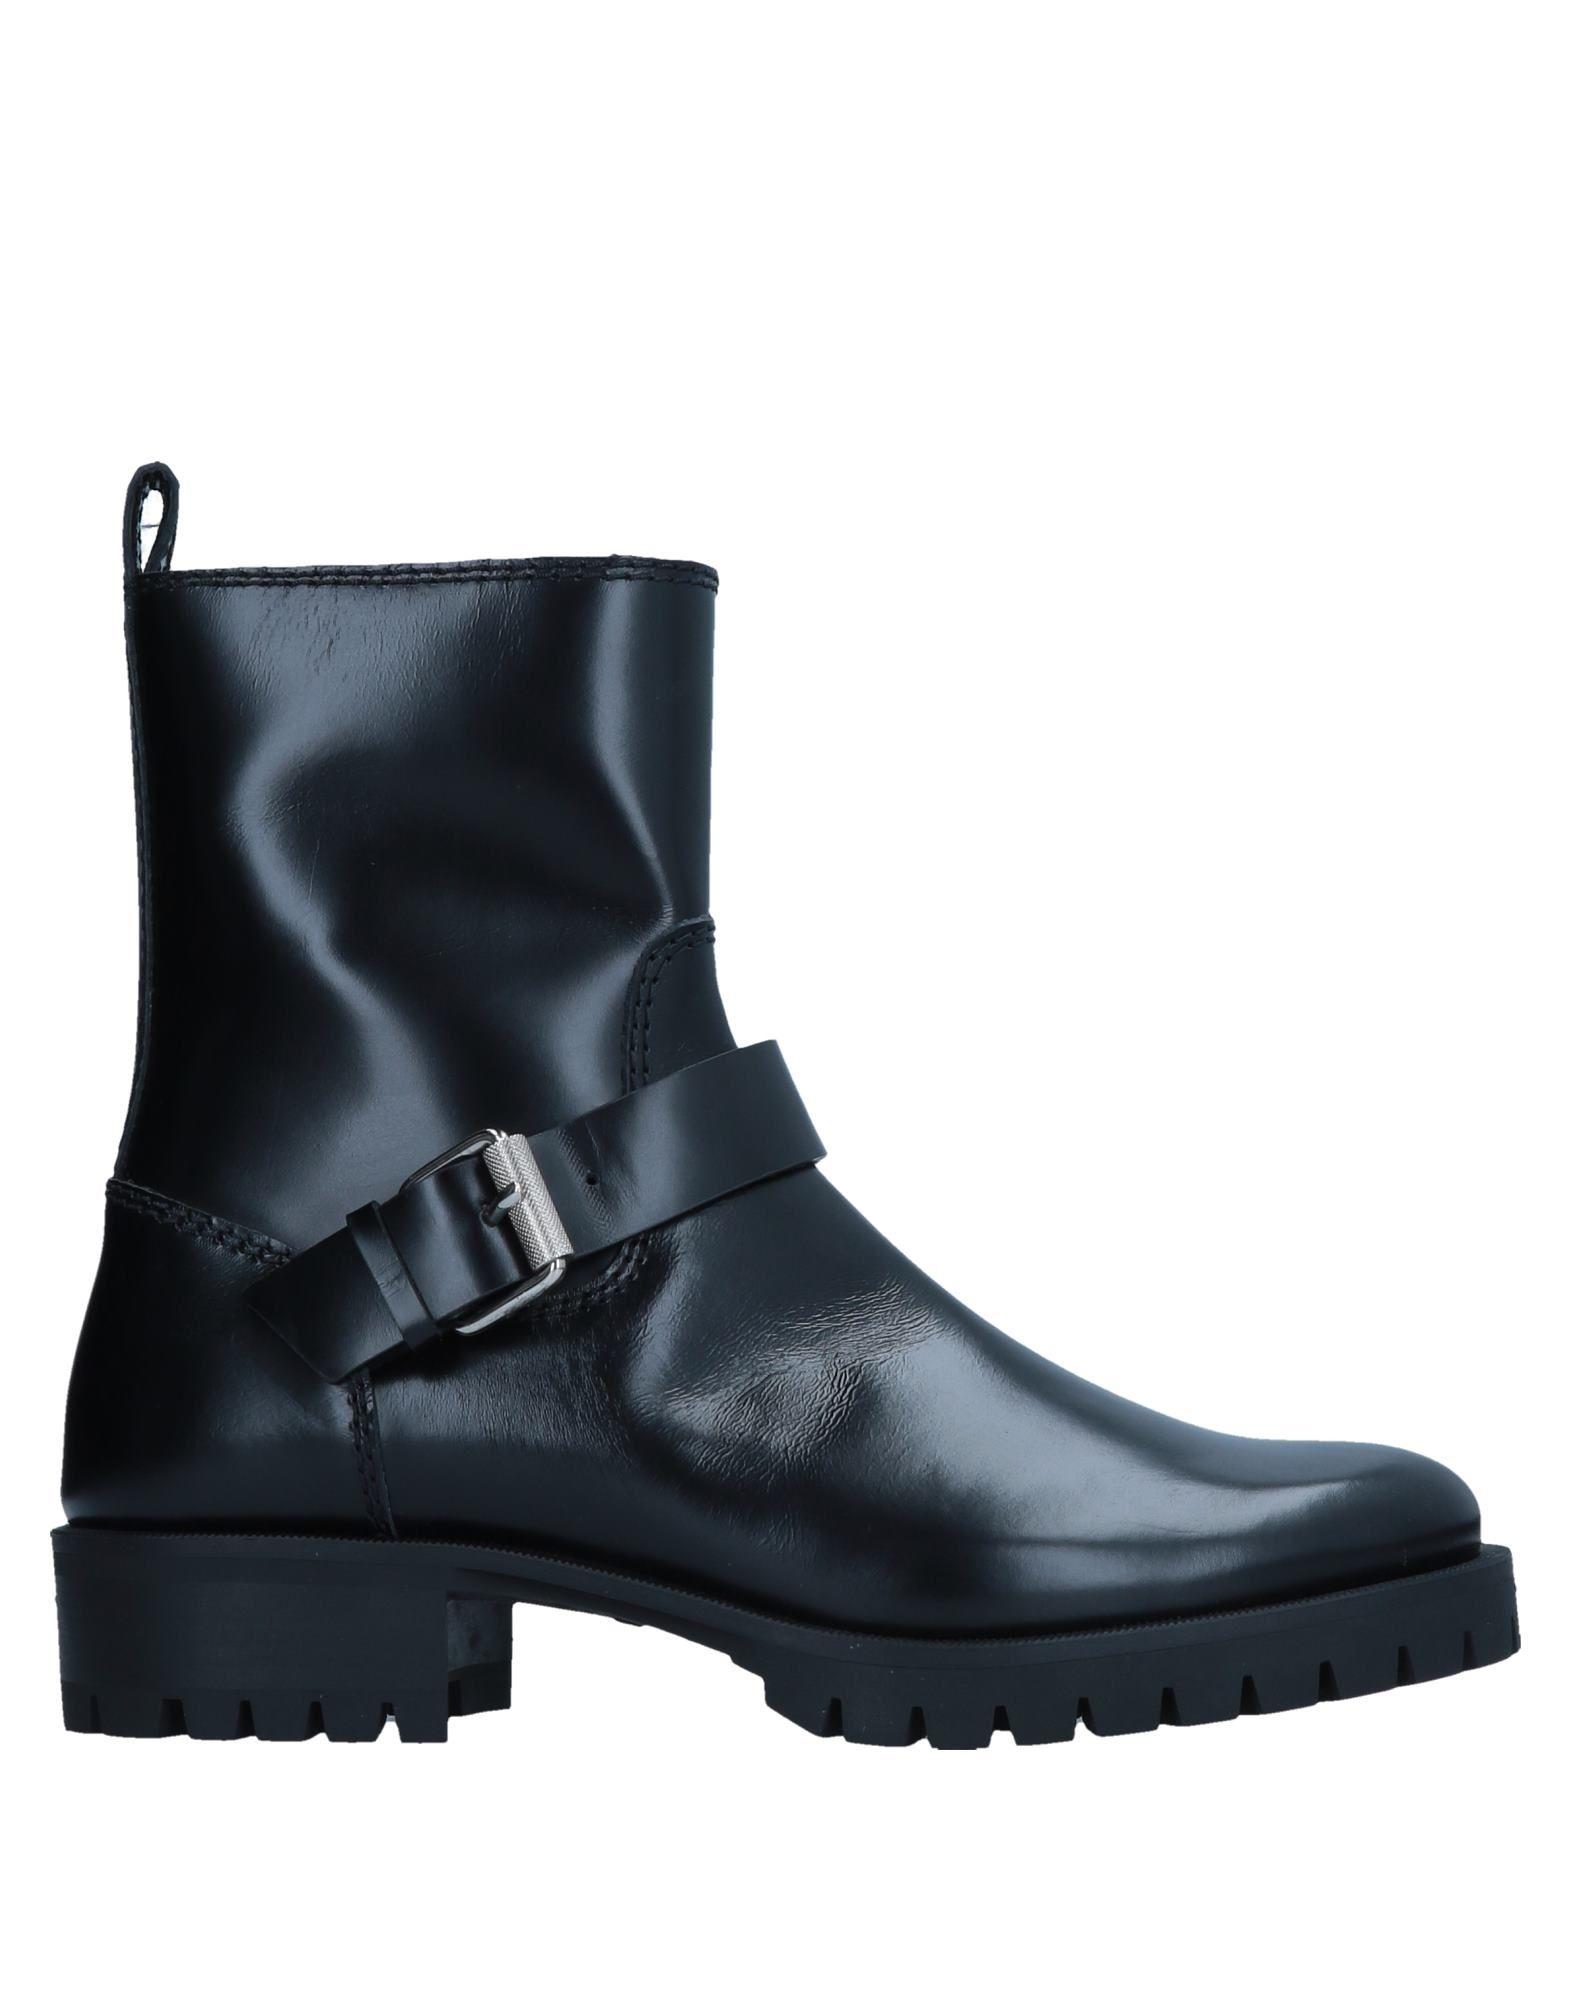 Dsquared2 Stiefelette Herren  11552669UV Gute Qualität beliebte Schuhe